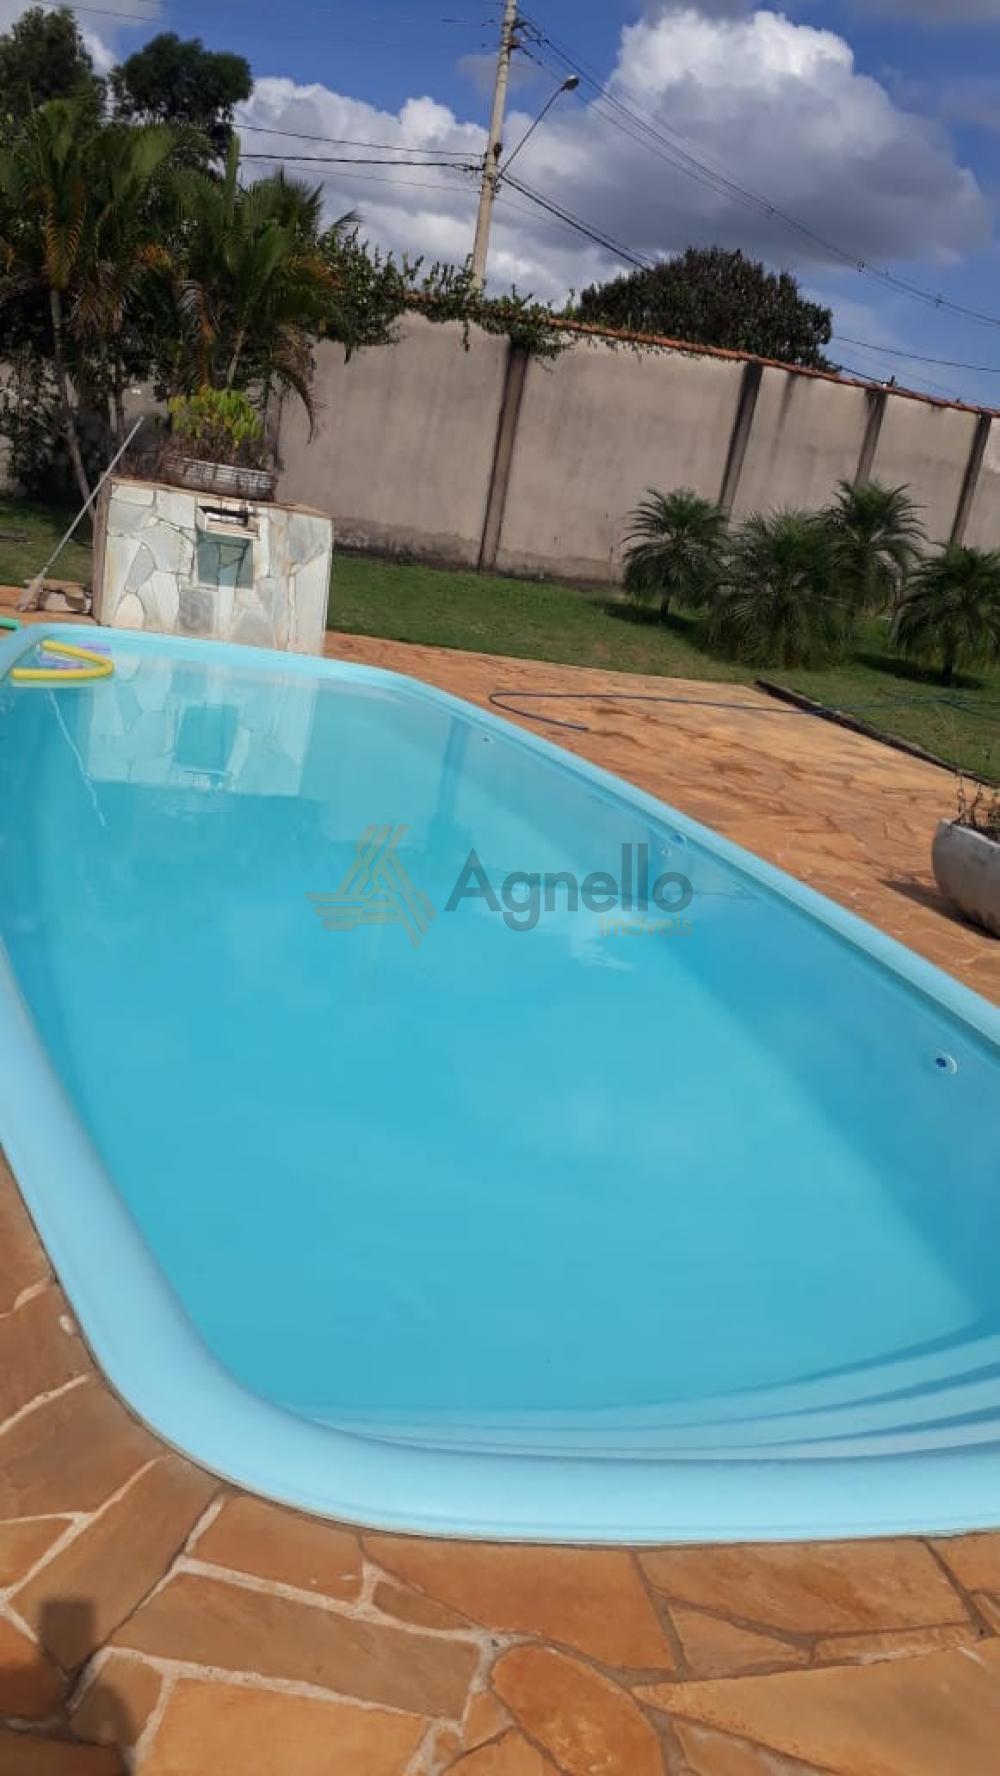 Comprar Casa / Condomínio em Franca R$ 480.000,00 - Foto 6